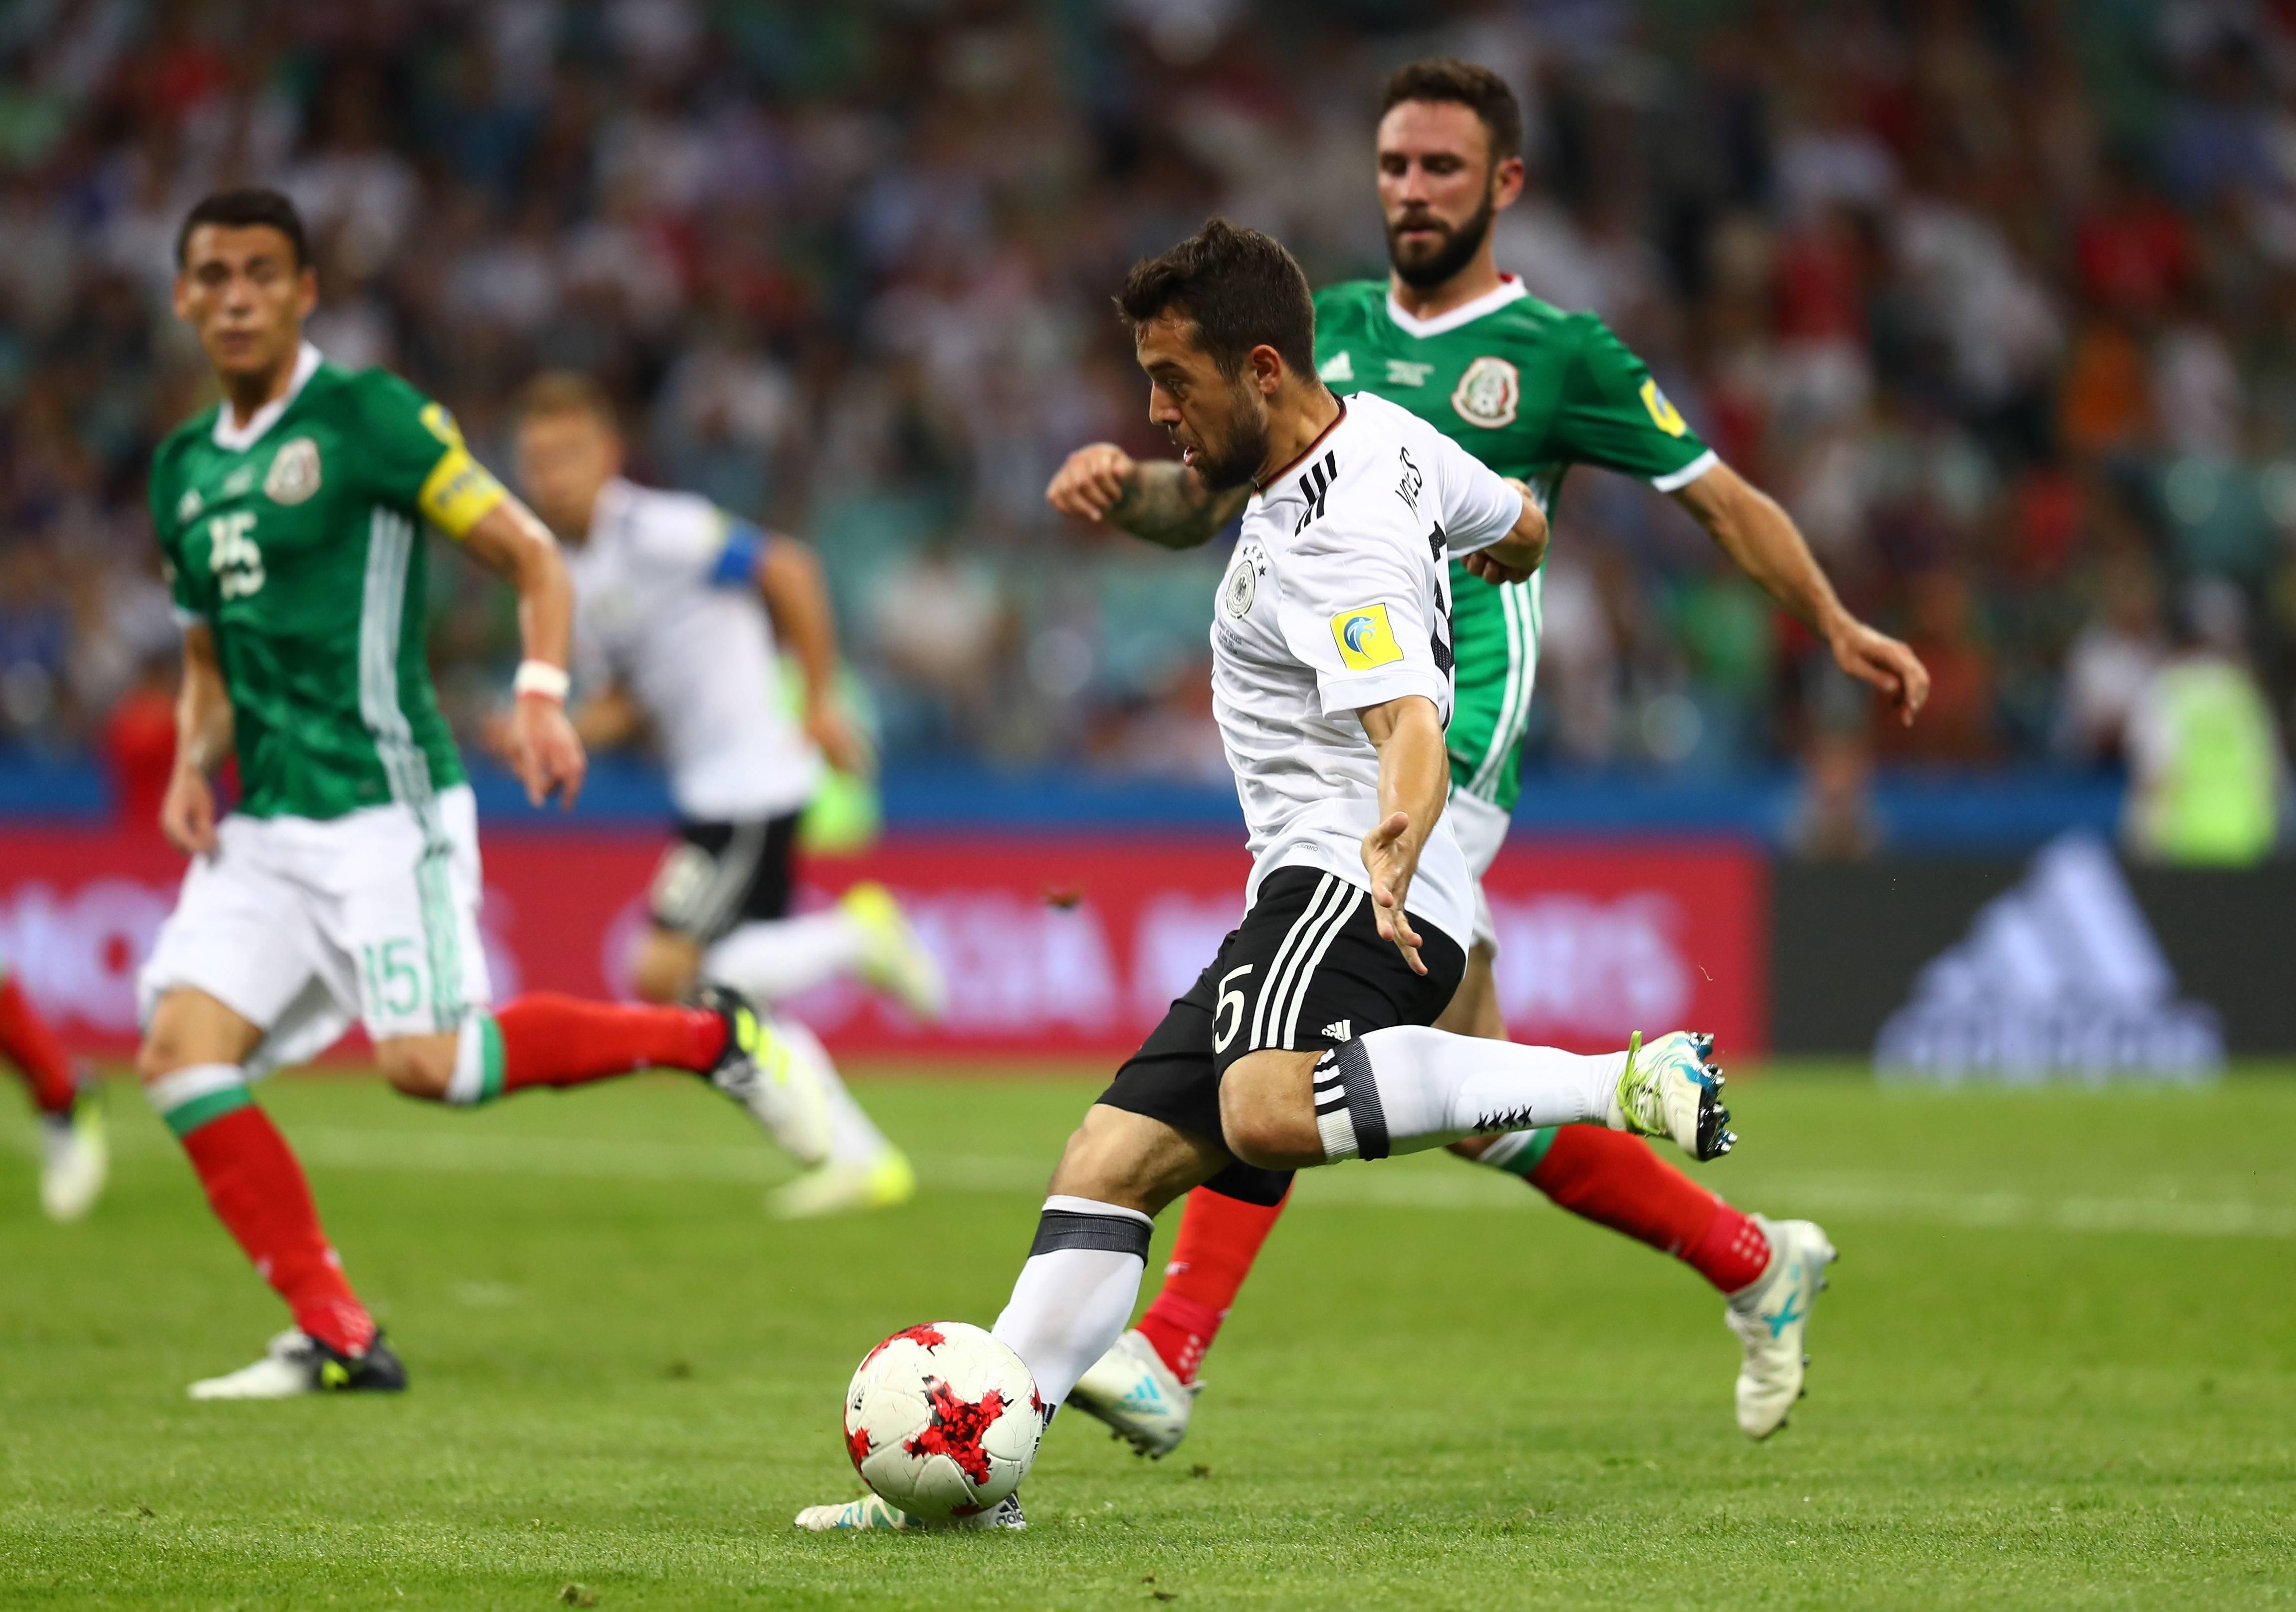 Younes, altro capitolo del giallo: Wolfsburg smentisce di avere l'accordo con l'esterno